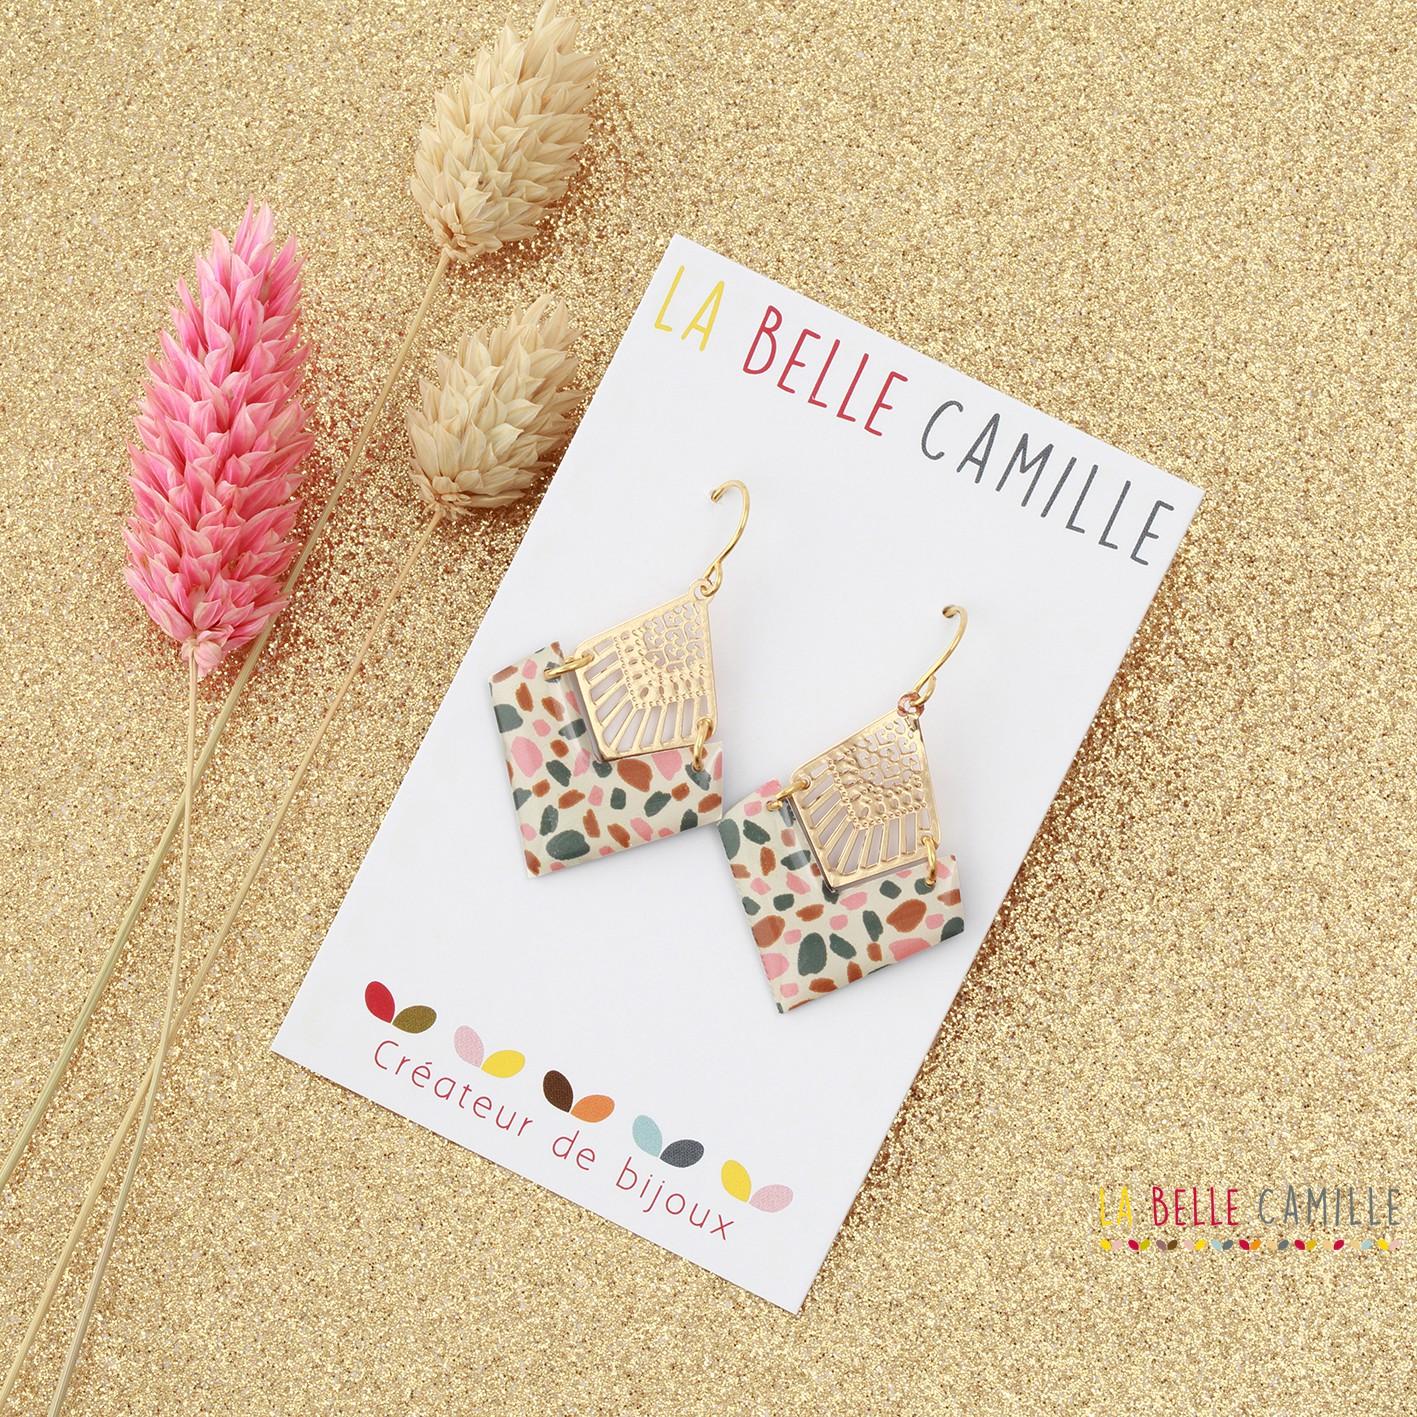 Boucle d\'oreille vintage Emma Or La Belle Camille